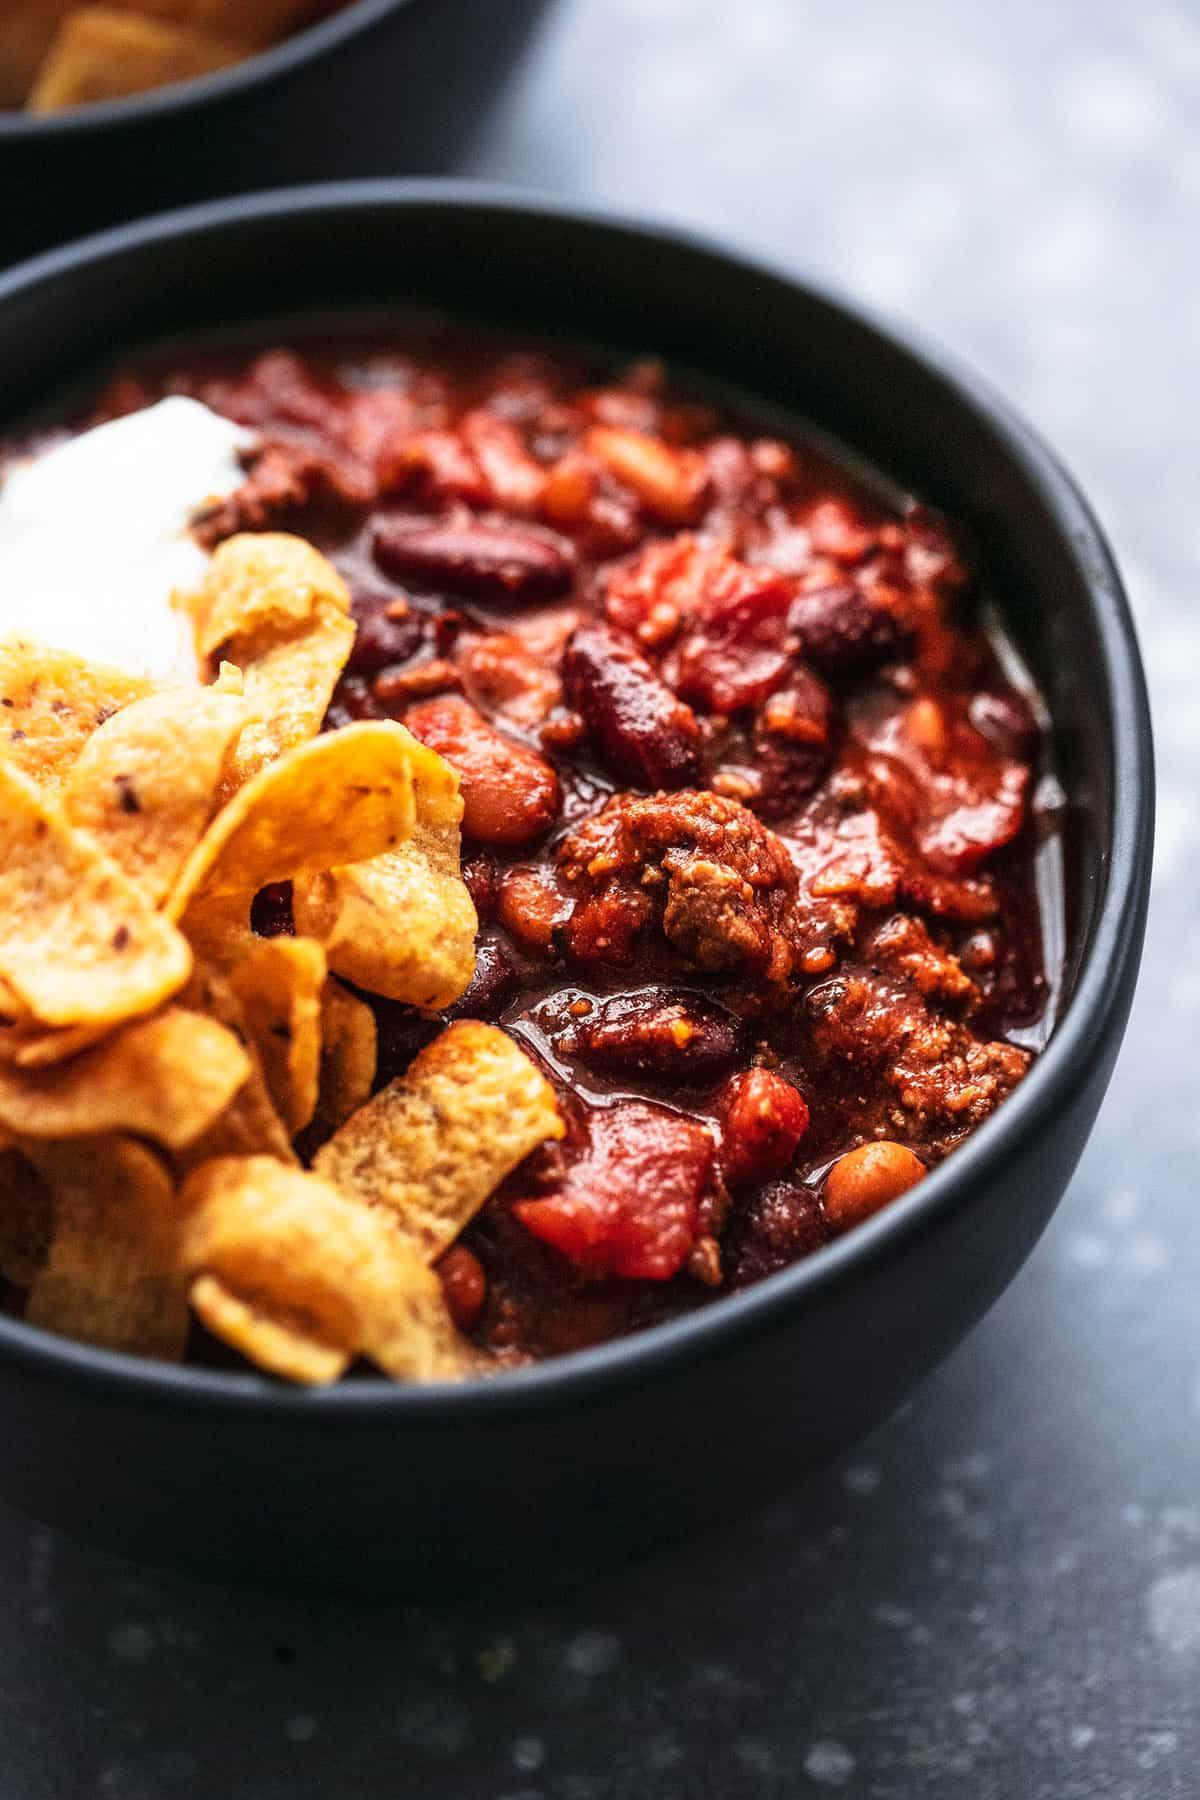 Das beste einfache SOFORTIGE POT BEEF CHILI mit Rinderhackfleisch, feuergebratenen Tomaten und viel Geschmack! | lecremedelacrumb.com